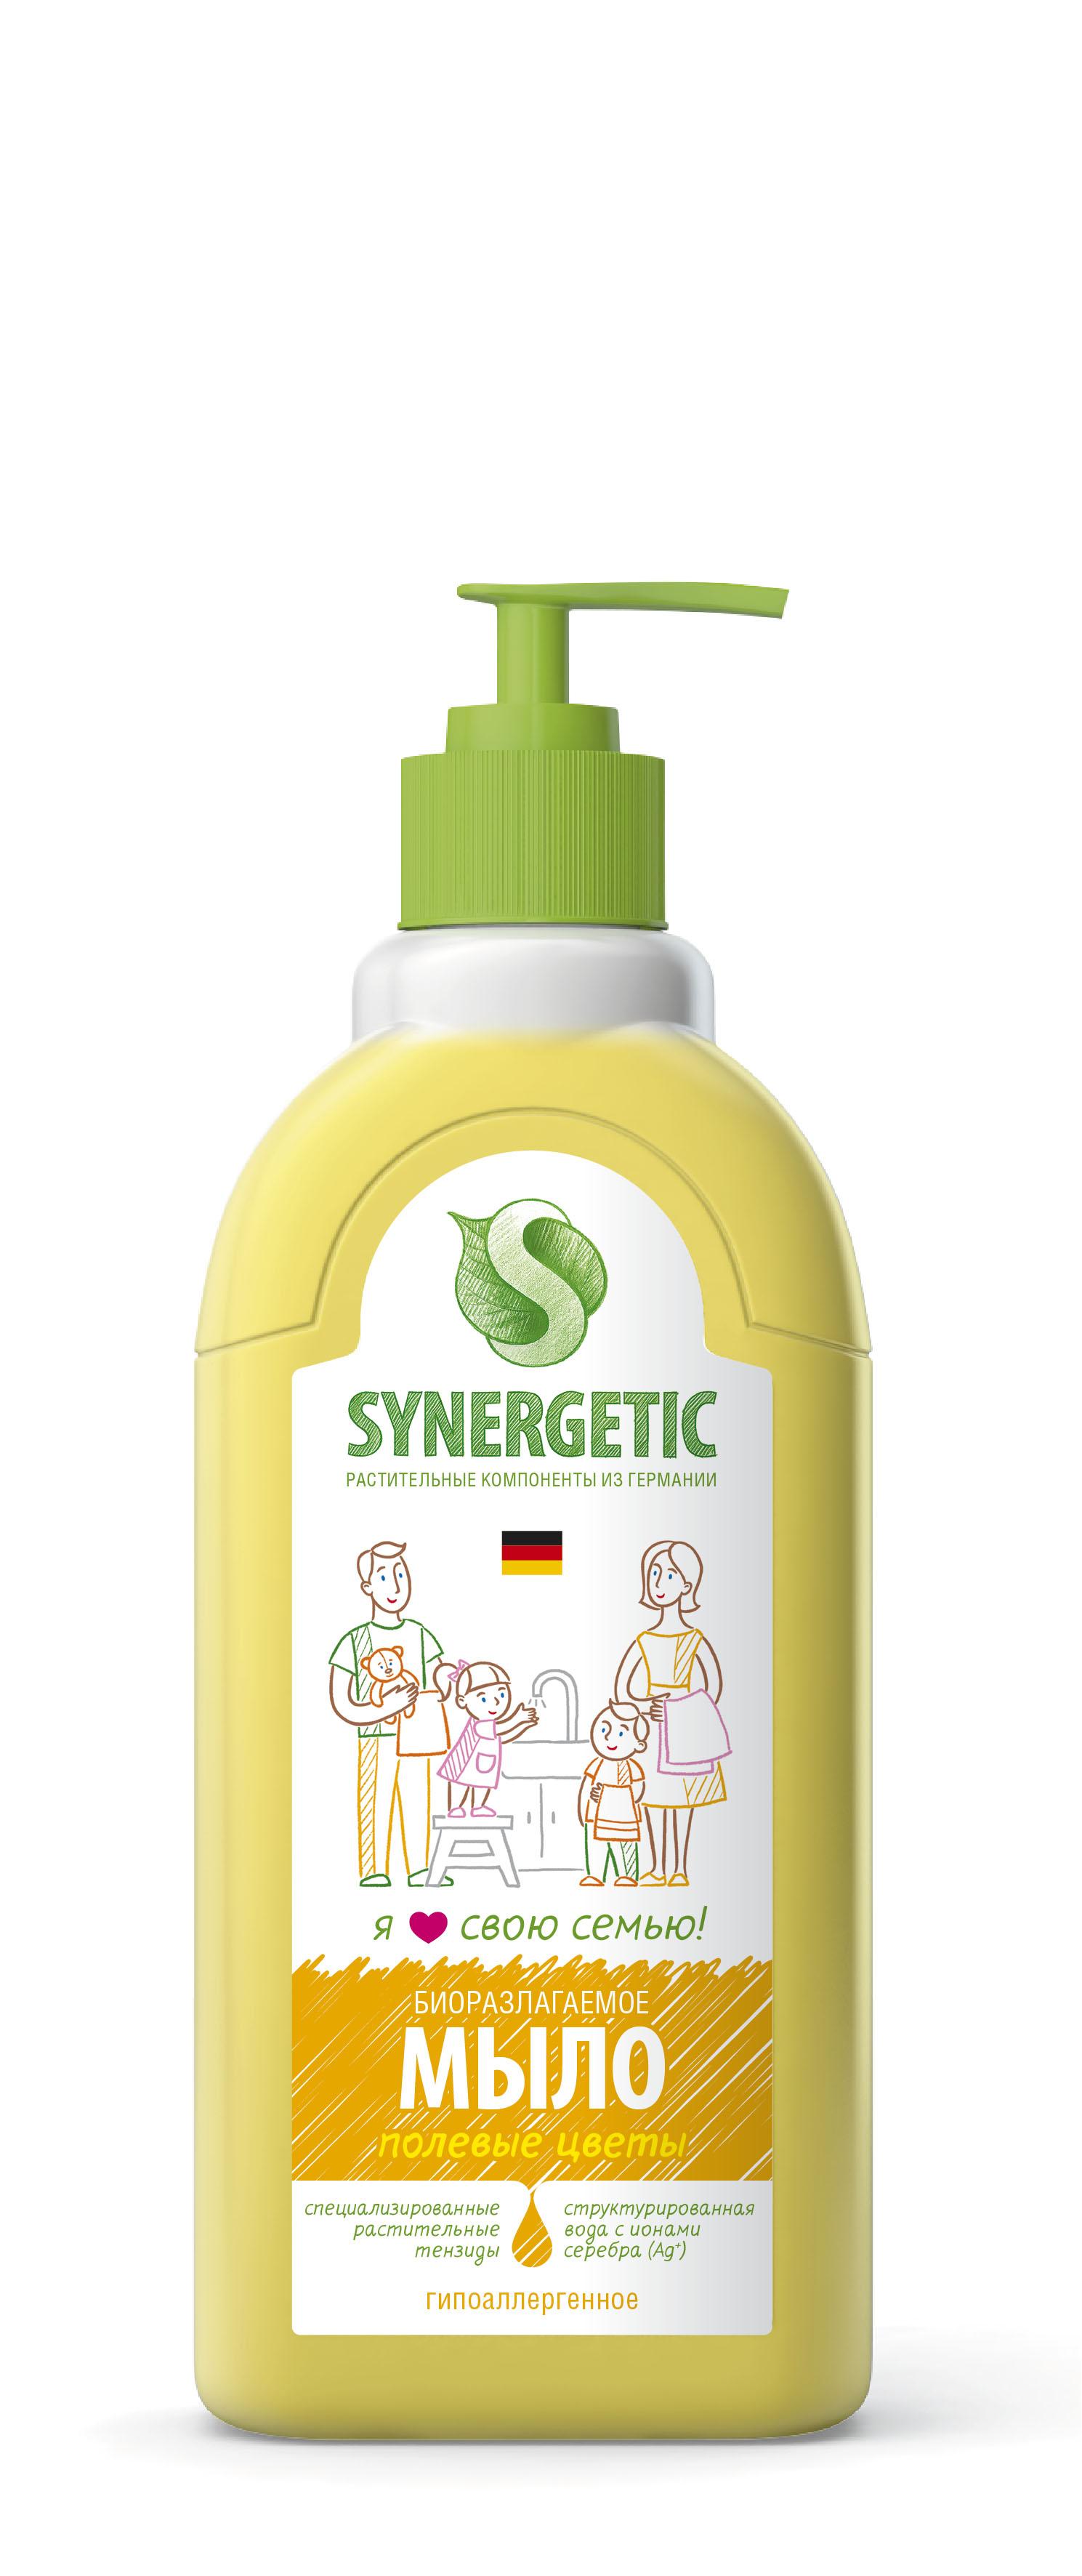 Купить Детское мыло, Полевые цветы 0, 5 л, Synergetic, Россия, желтый